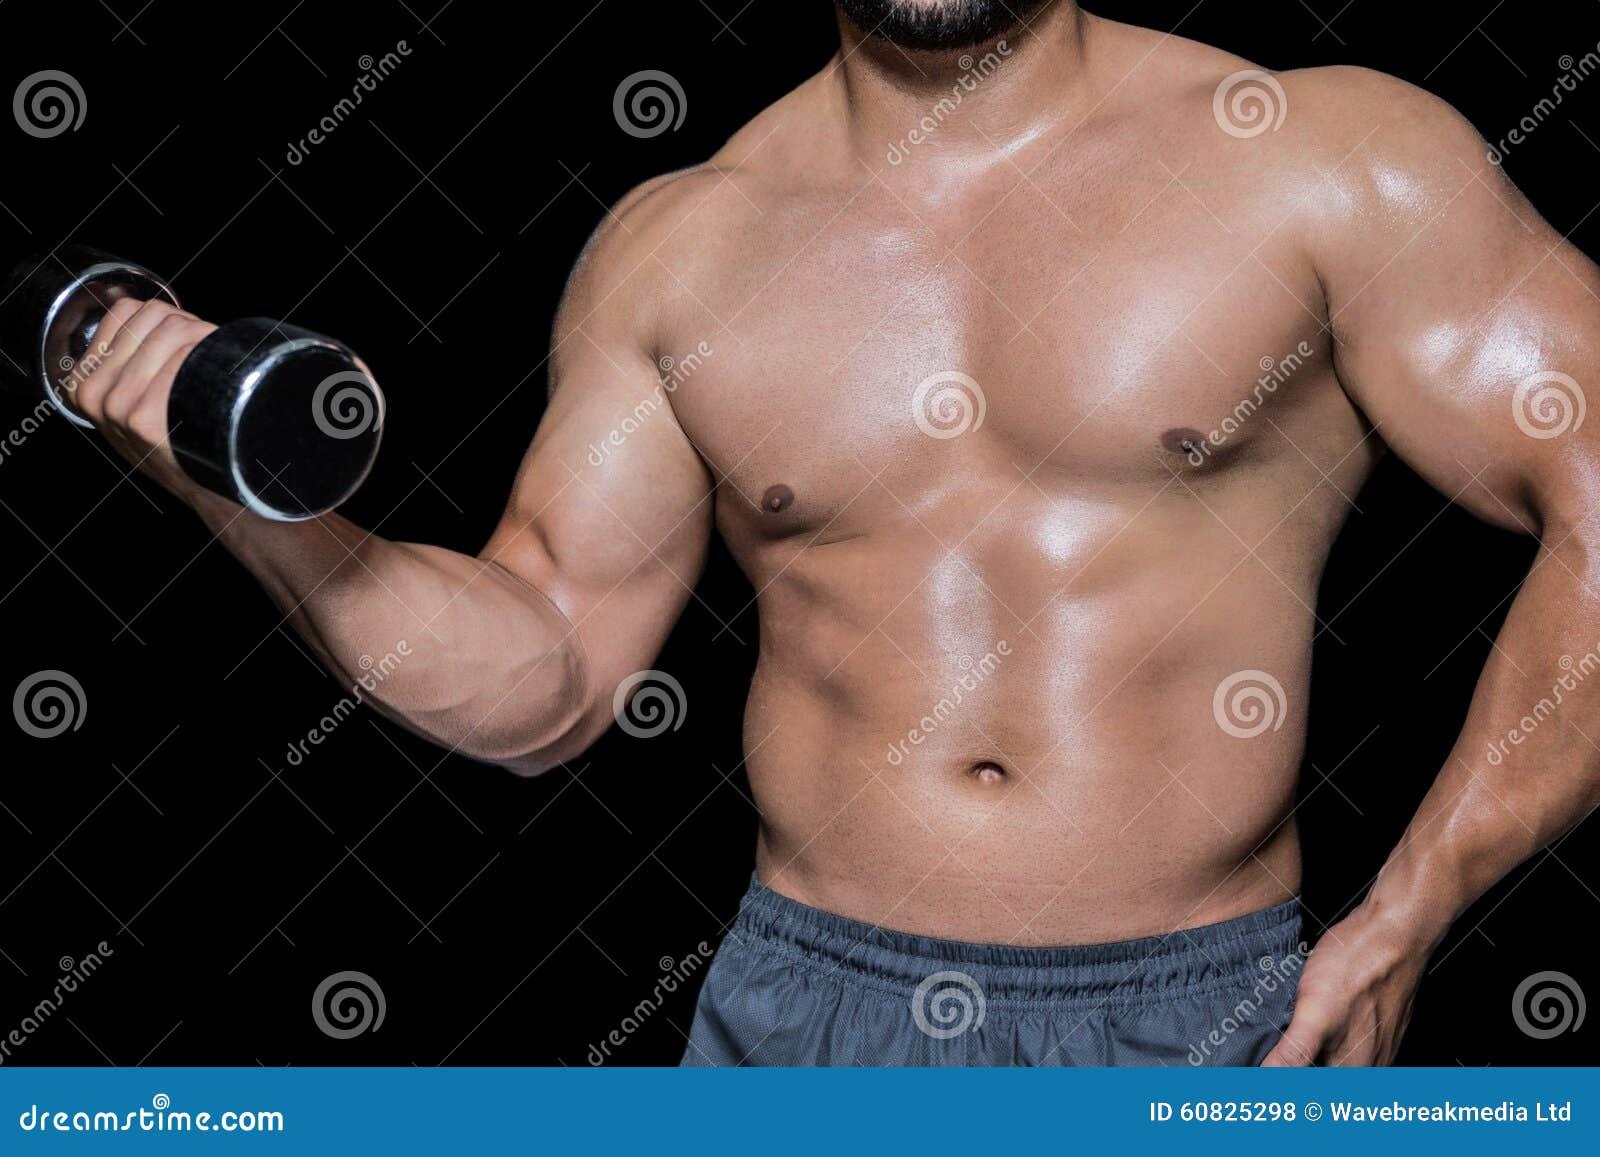 Mediados de sección de un culturista con pesa de gimnasia